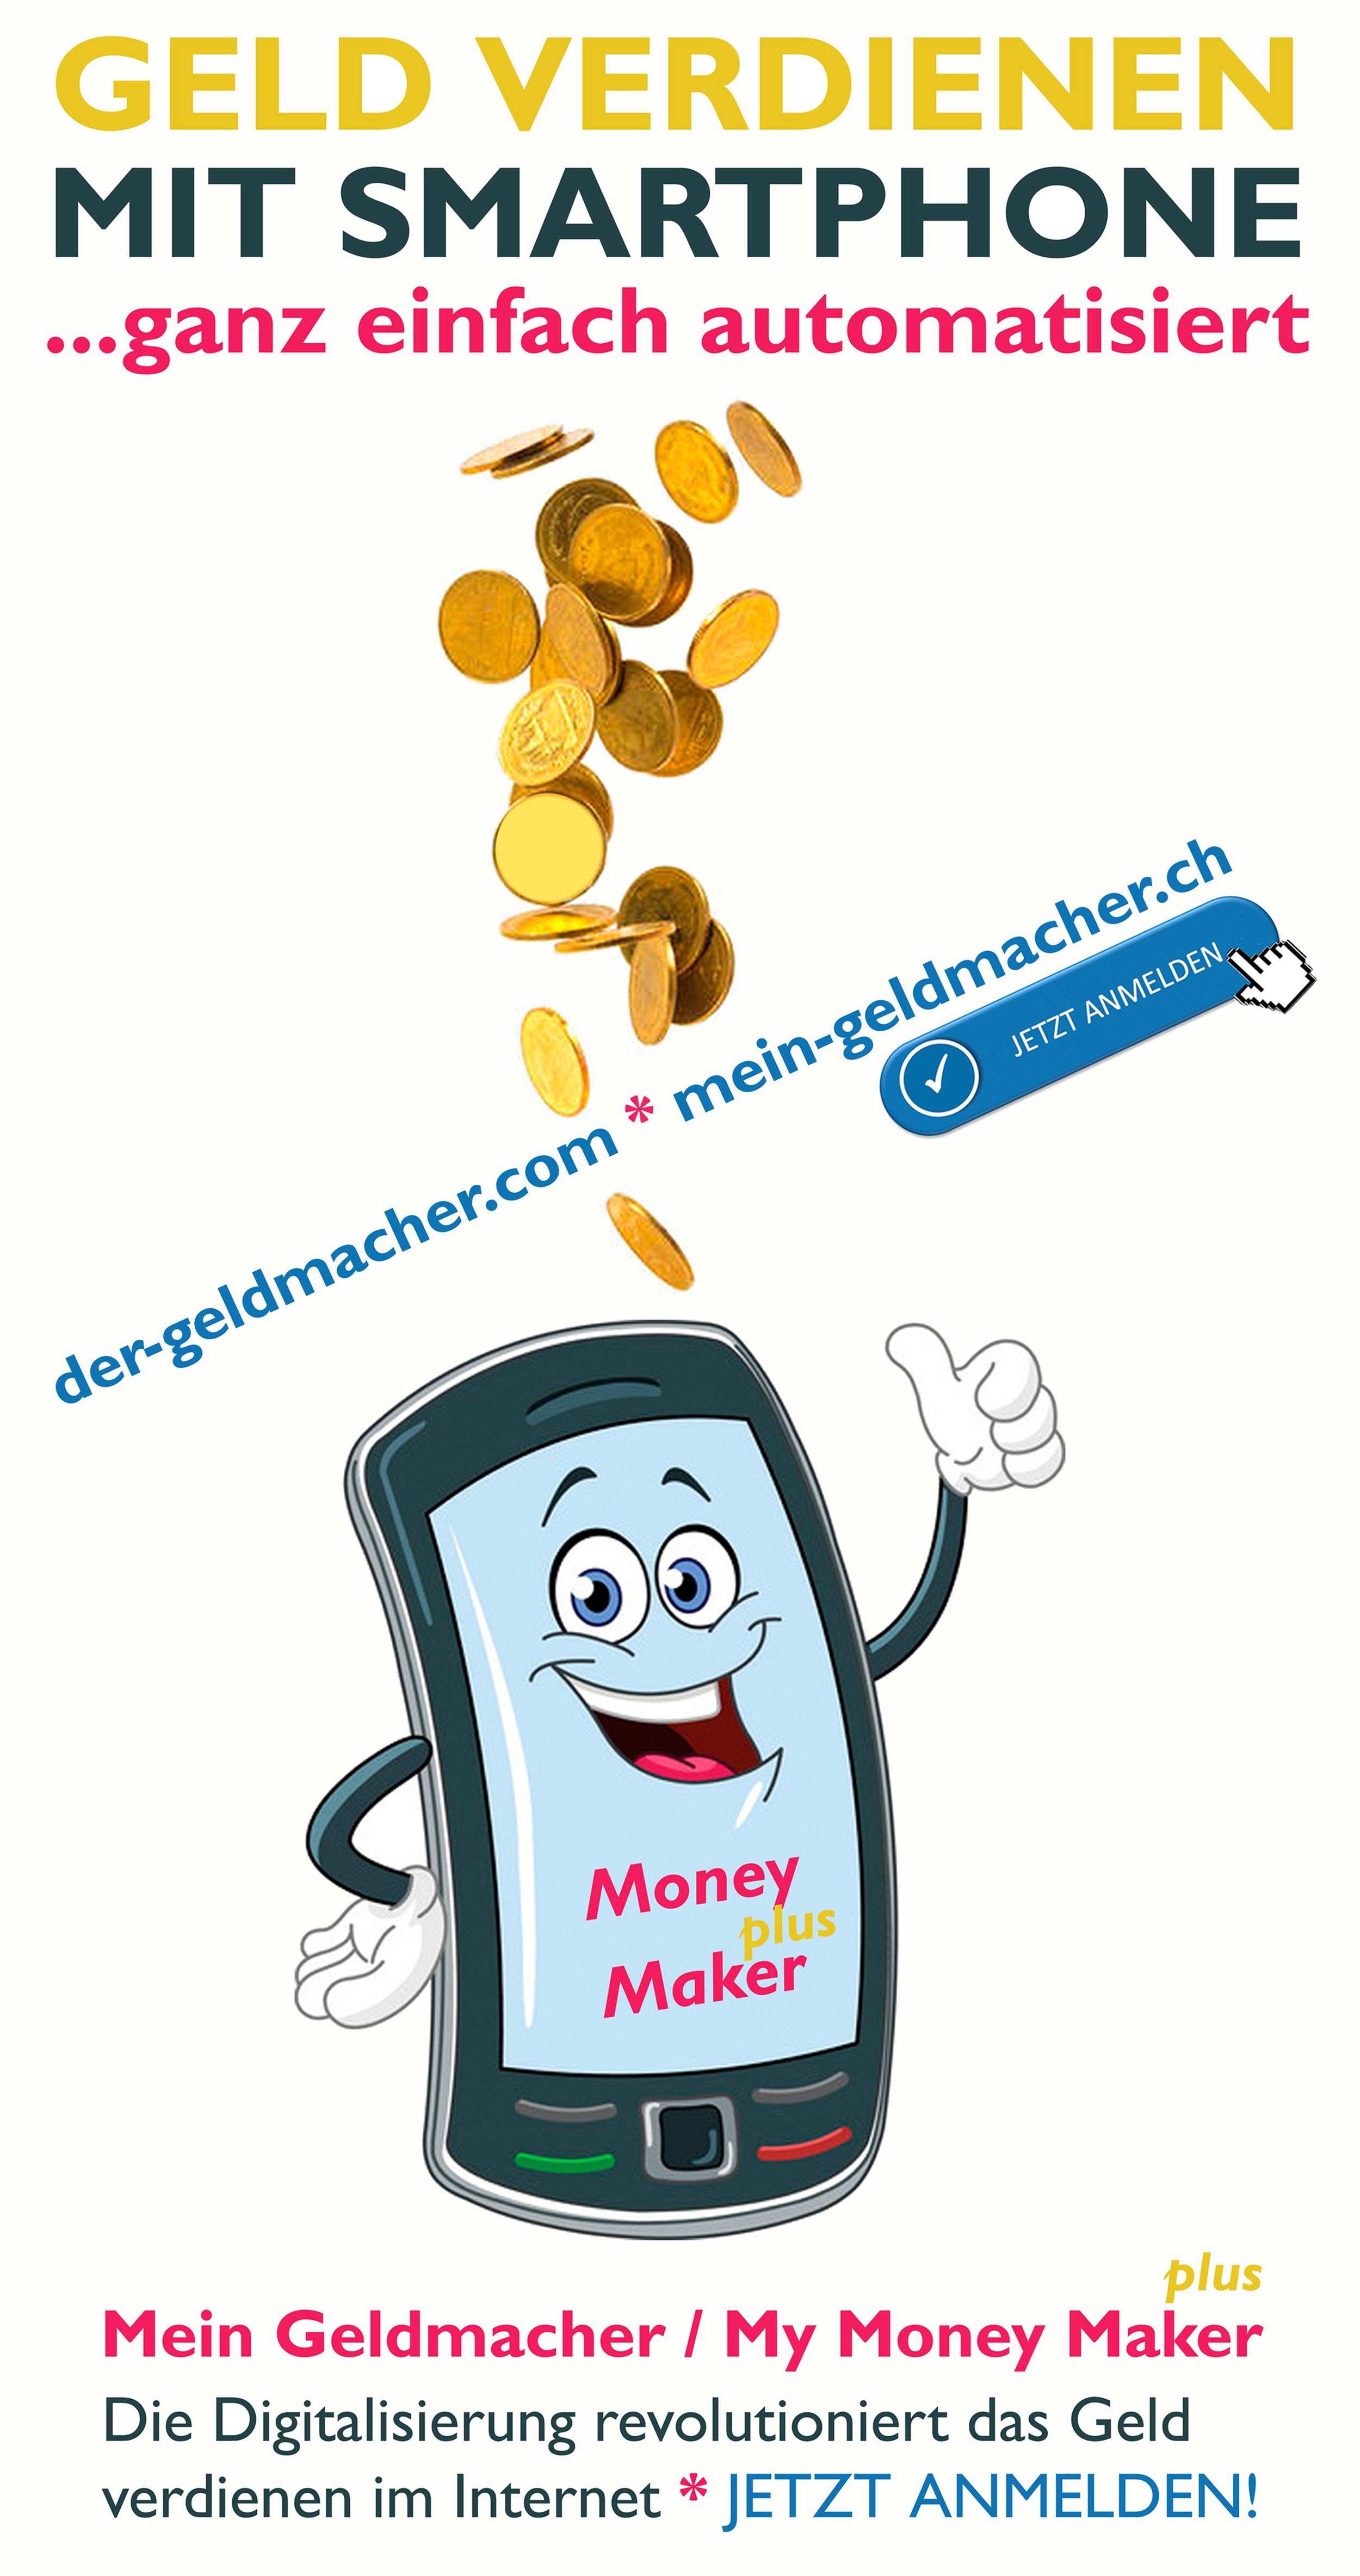 geld verdienen mit smartphone - my money maker - der-geldmacher.com - mein-geldmacher.ch